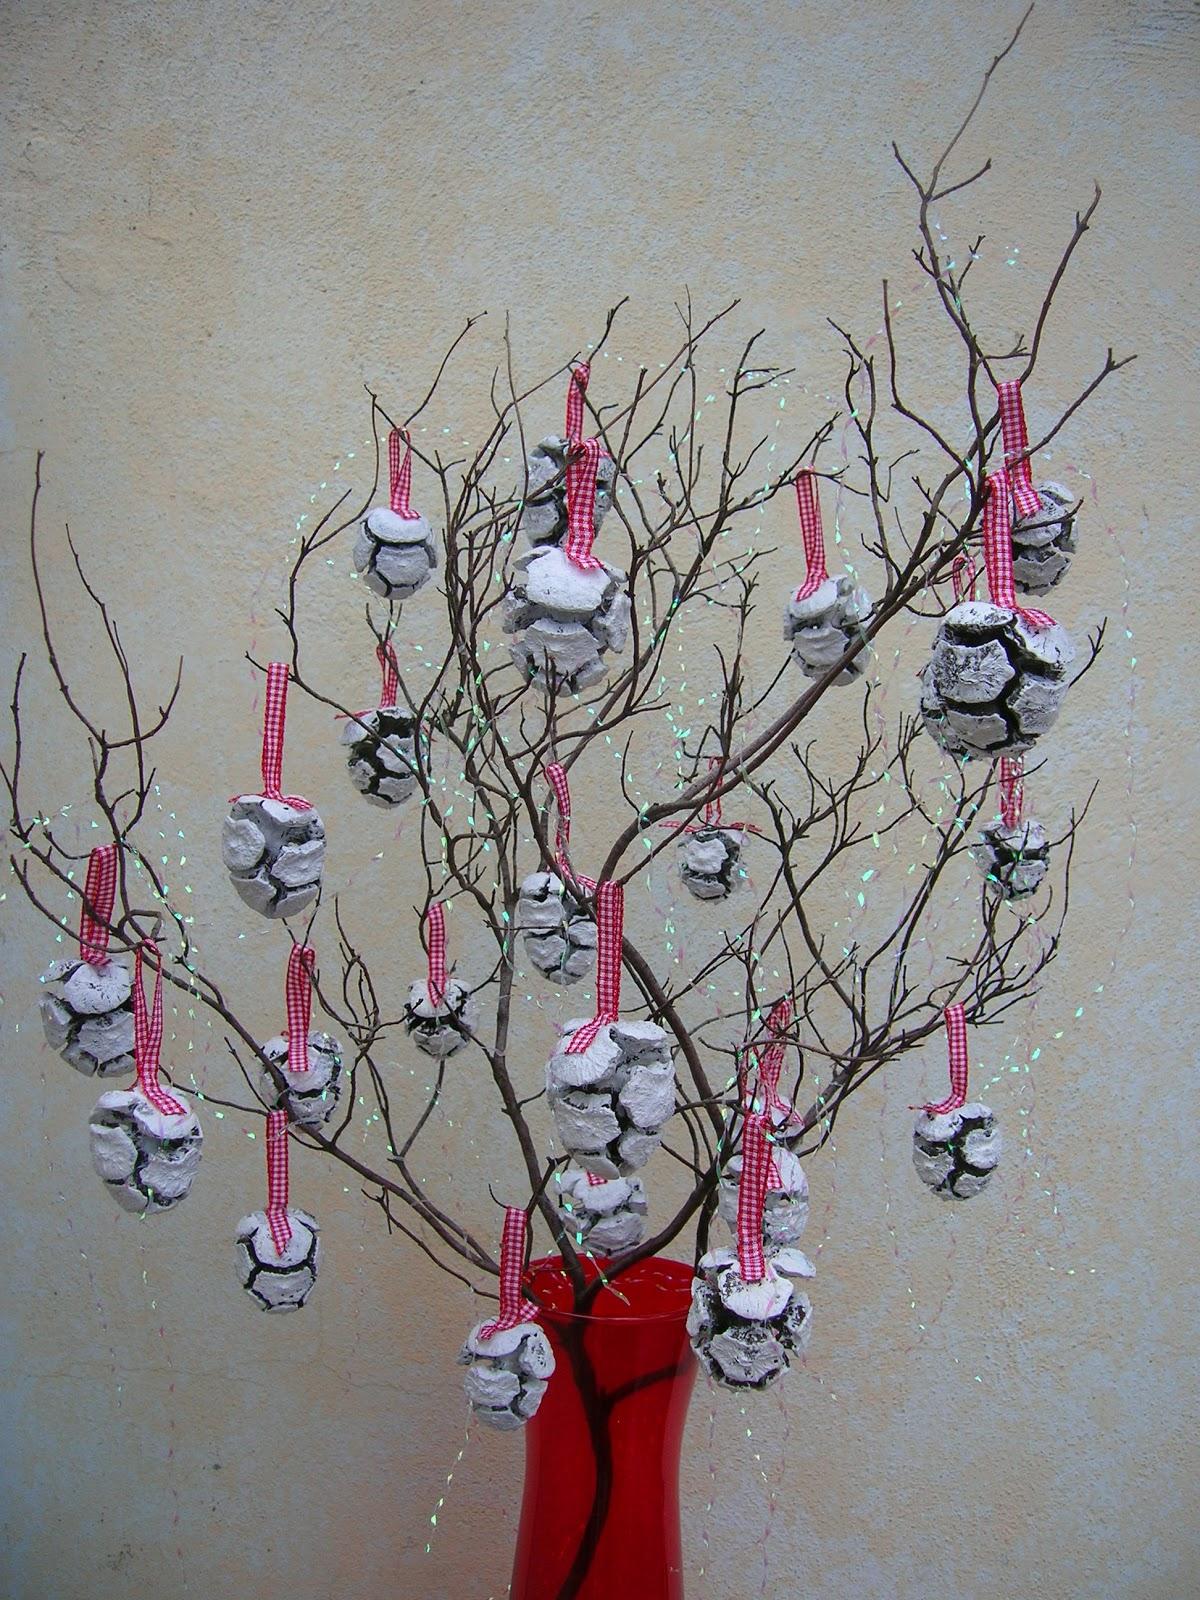 Artefantasy decorazioni natalizie country chic - Decorazioni natalizie pigne ...